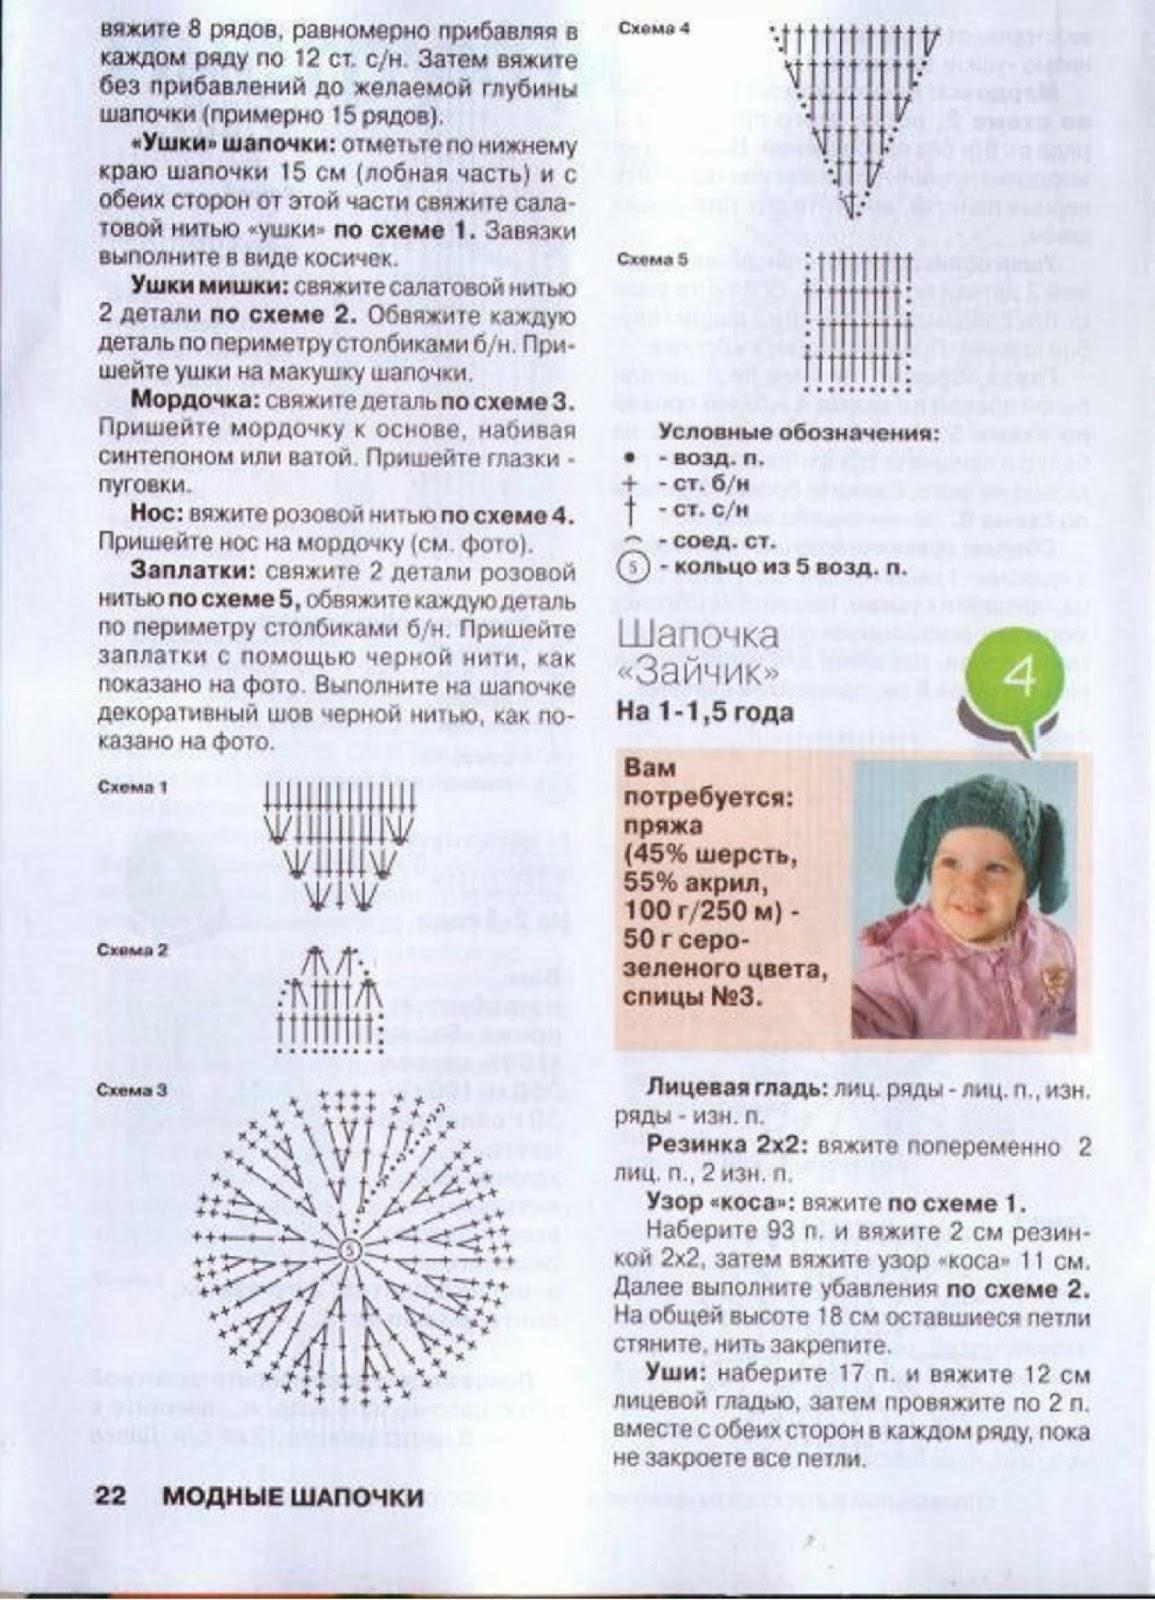 Как сделать омбре в домашних условиях - wikiHow 42